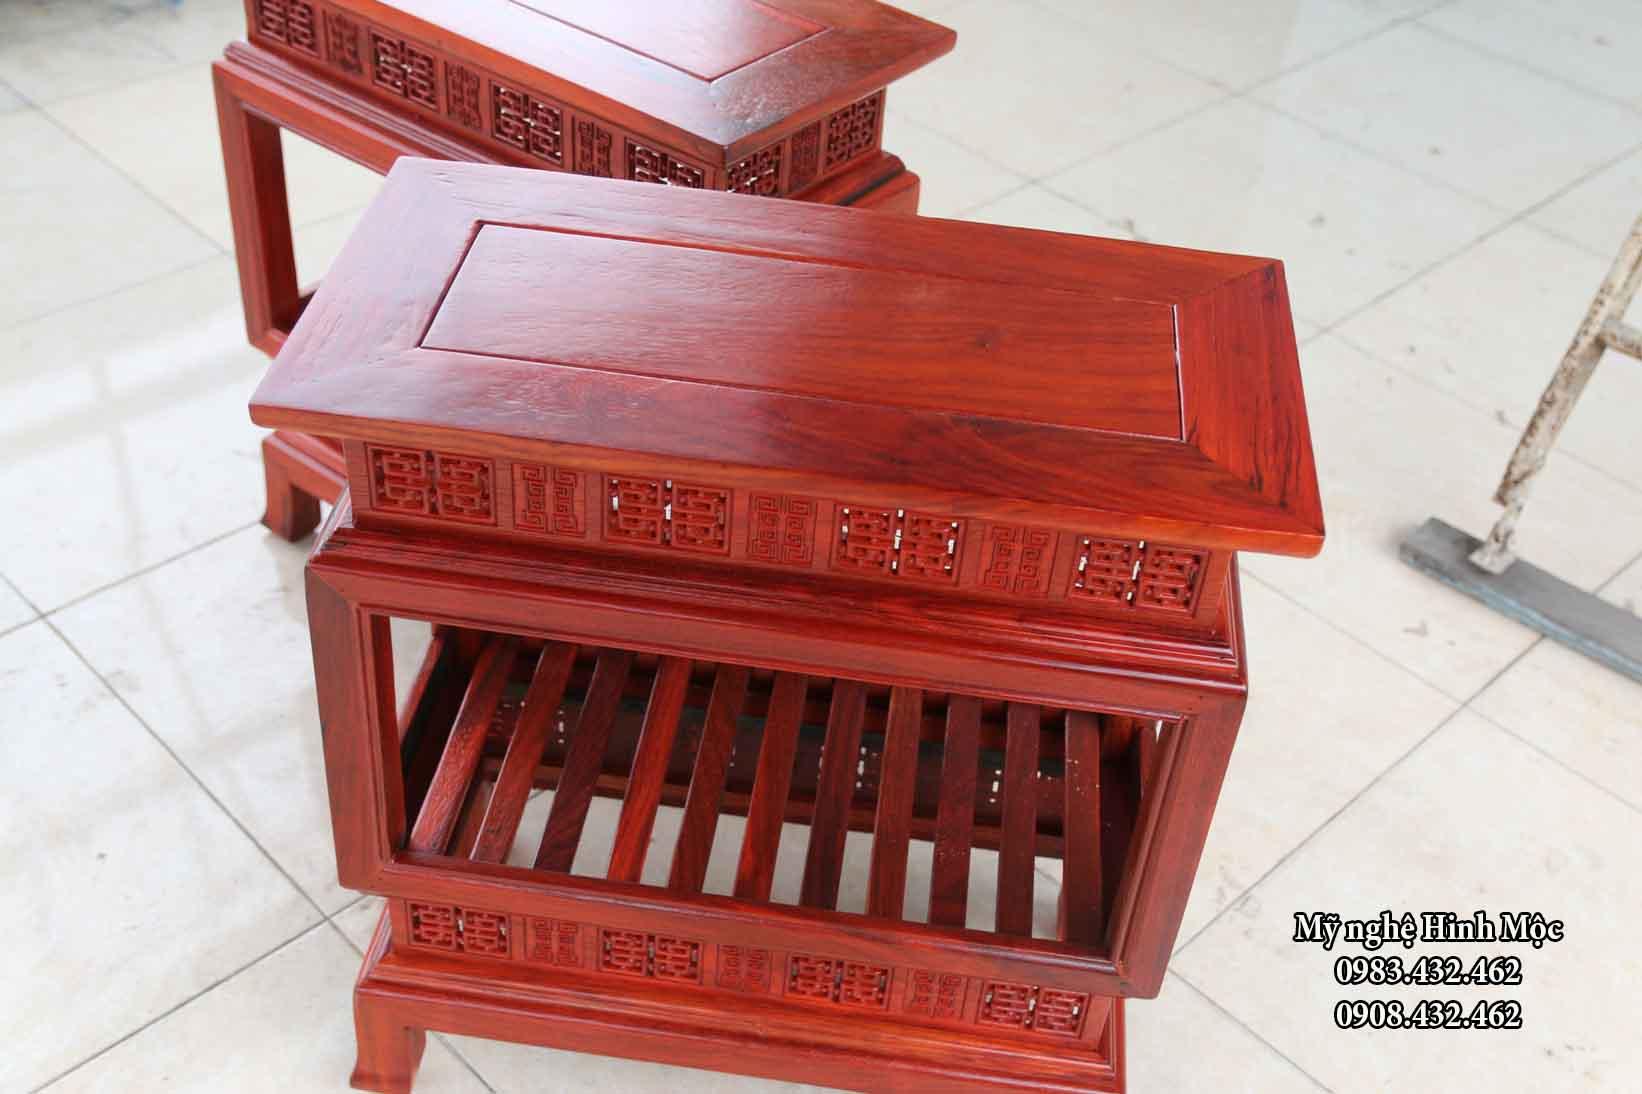 Ghế đôn gỗ đẹp